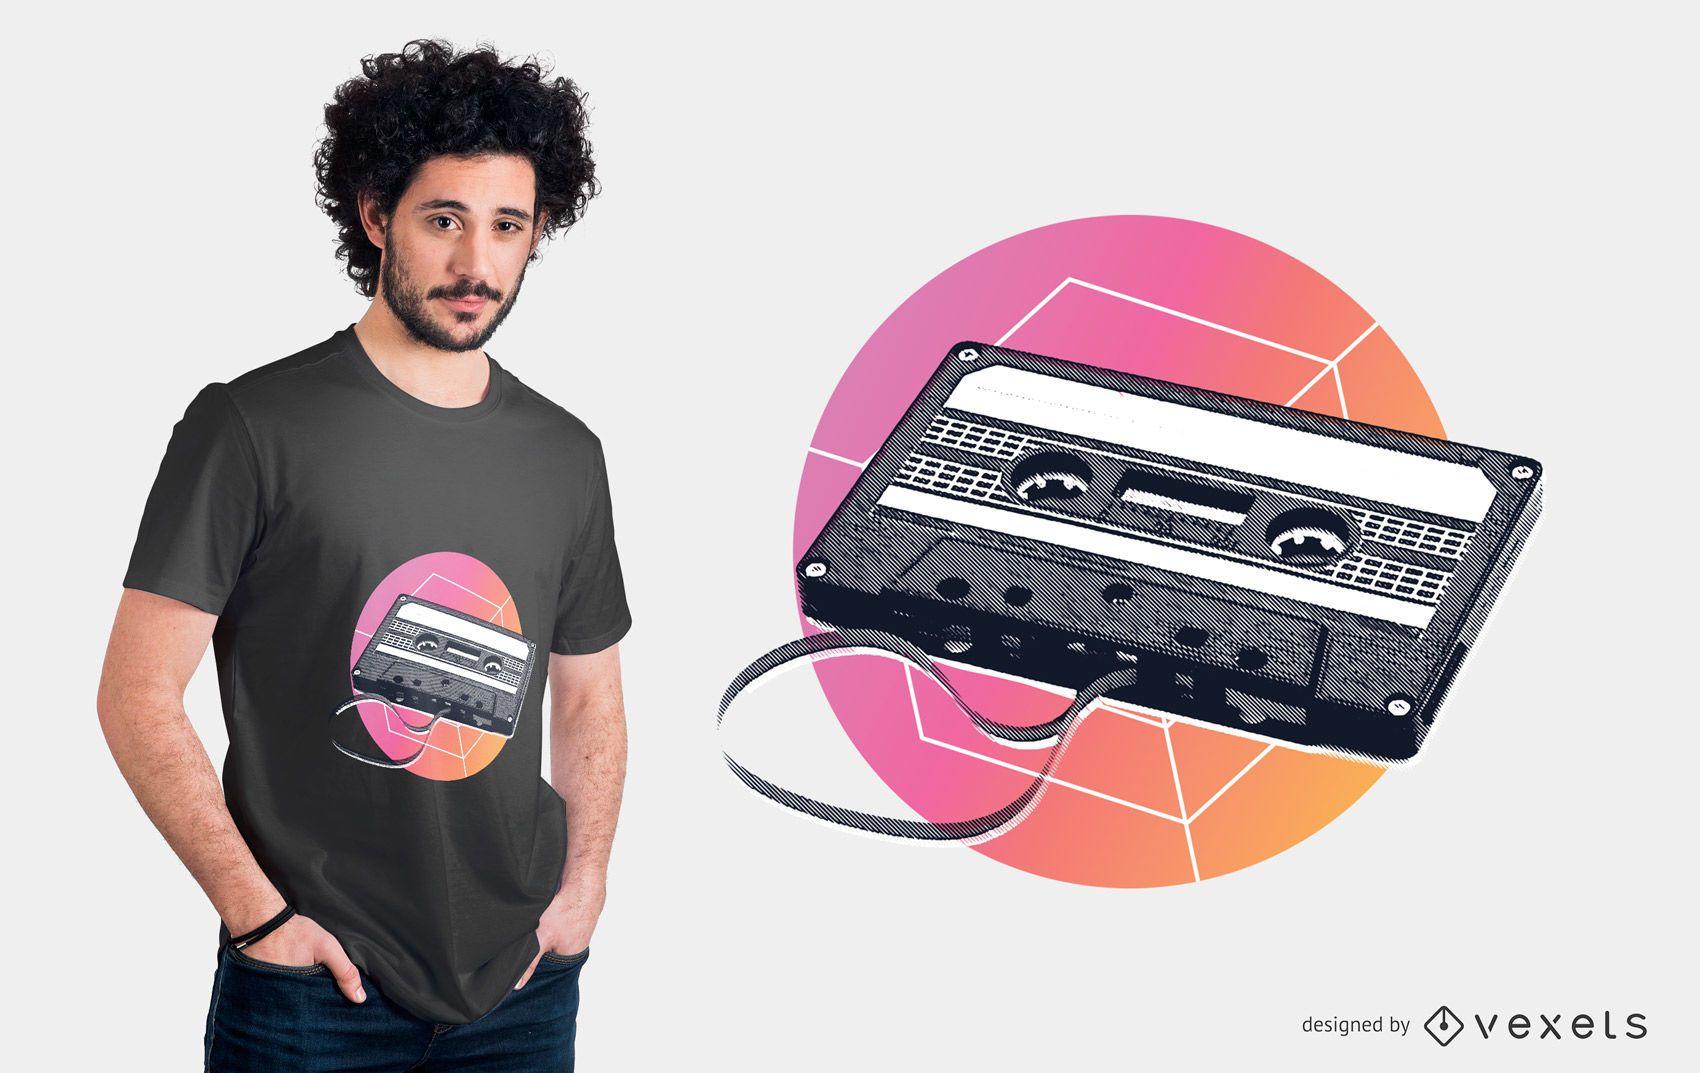 Dise?o de camiseta de cassette retro